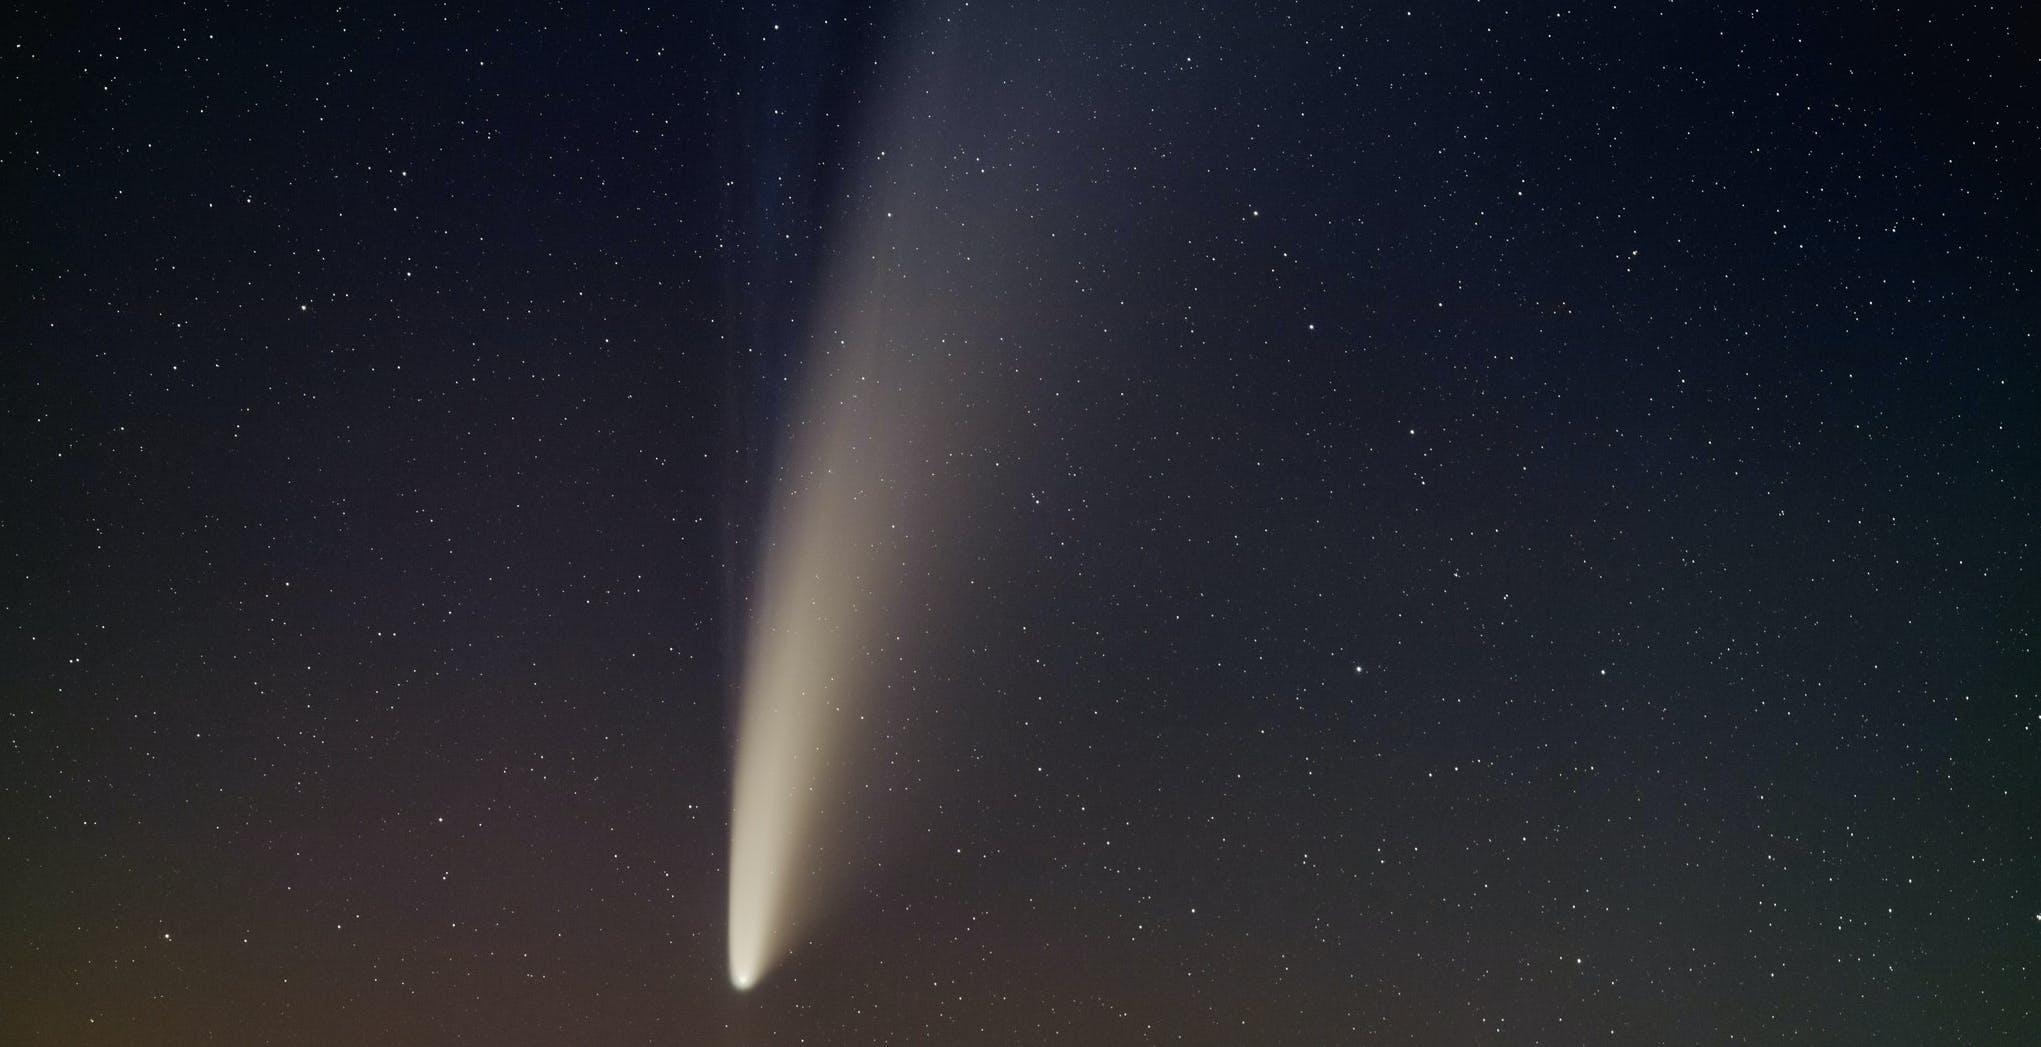 Sono i giorni della cometa NEOWISE: ecco come vederla e fotografarla